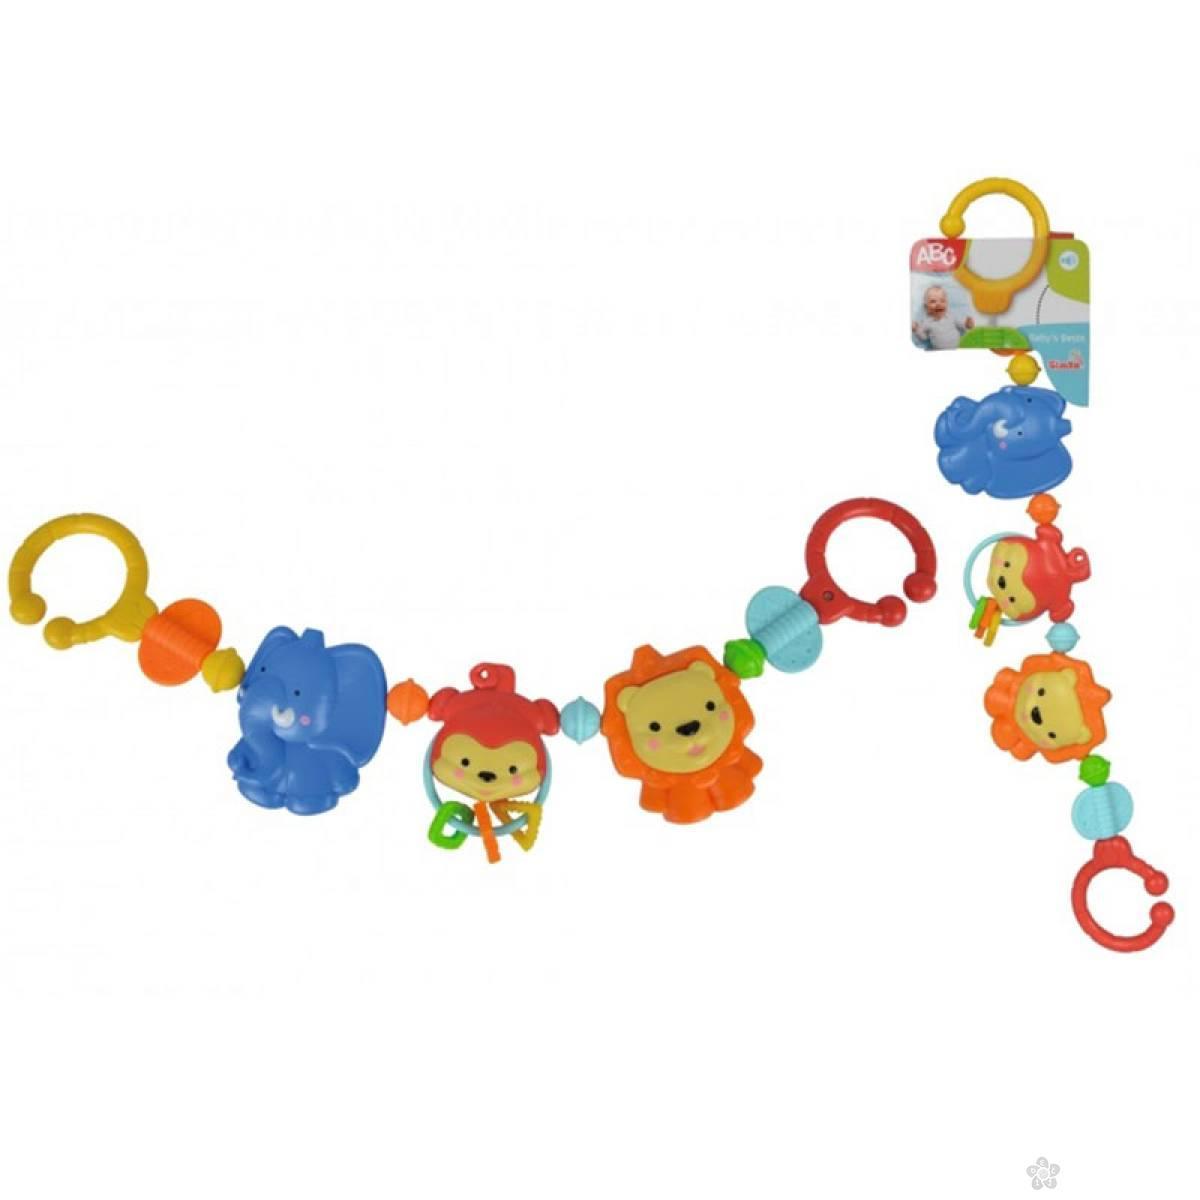 Baby ABC Zvecka za kolica Simba